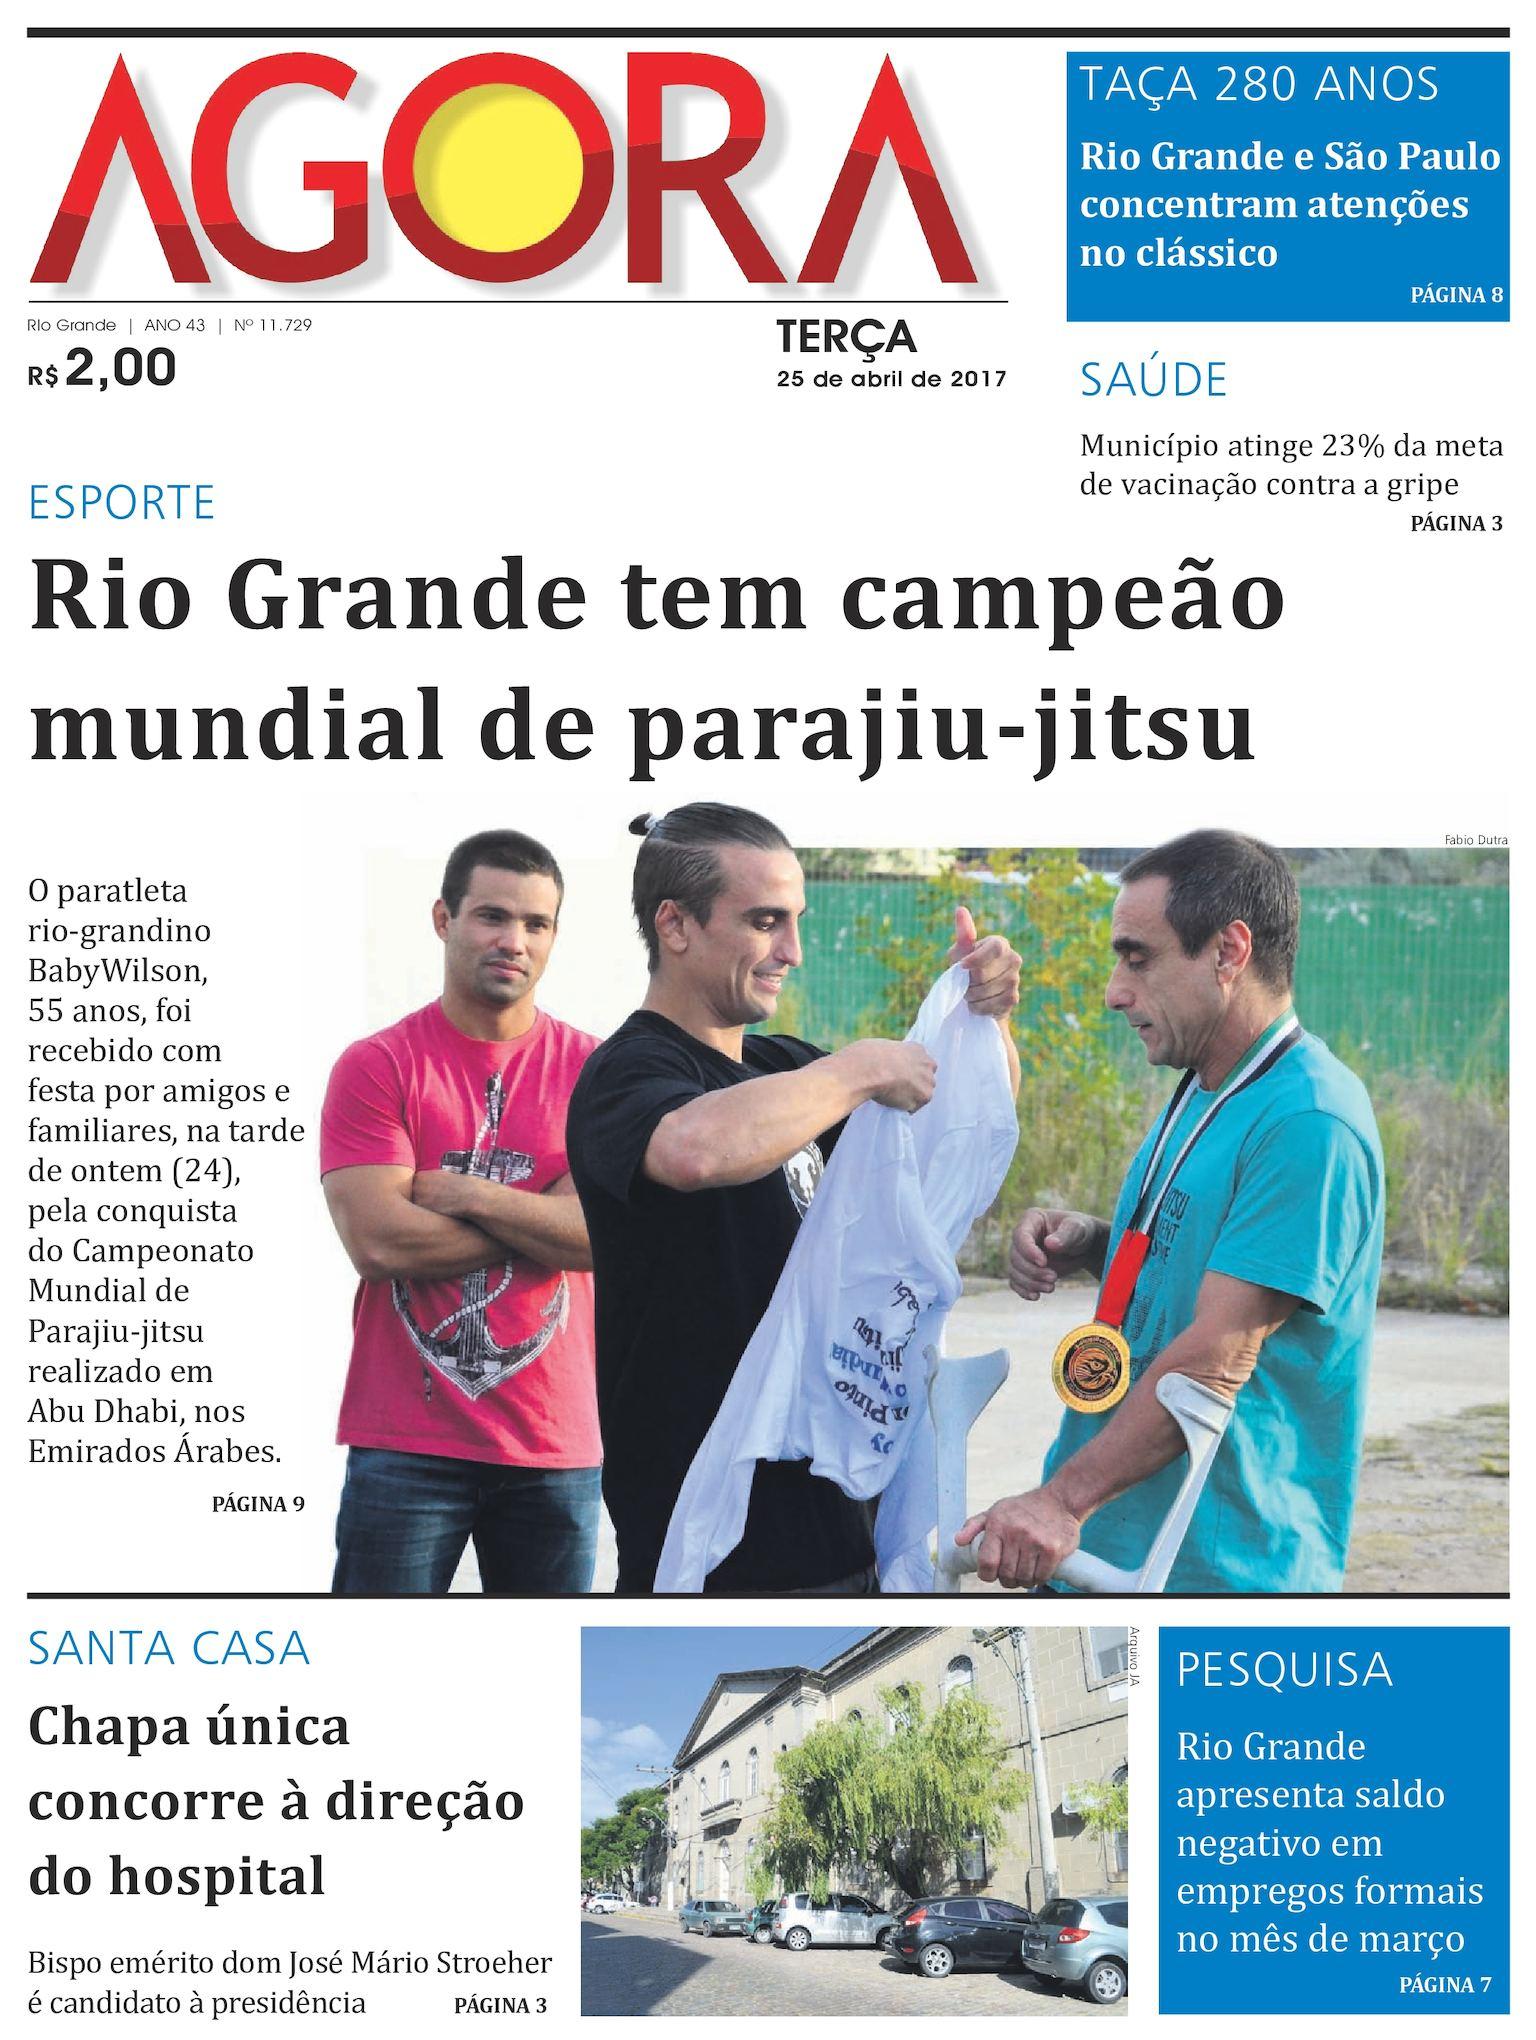 Calaméo - Jornal Agora - Edição 11729 - 25 de Abril de 2017 9227c71aacfd5